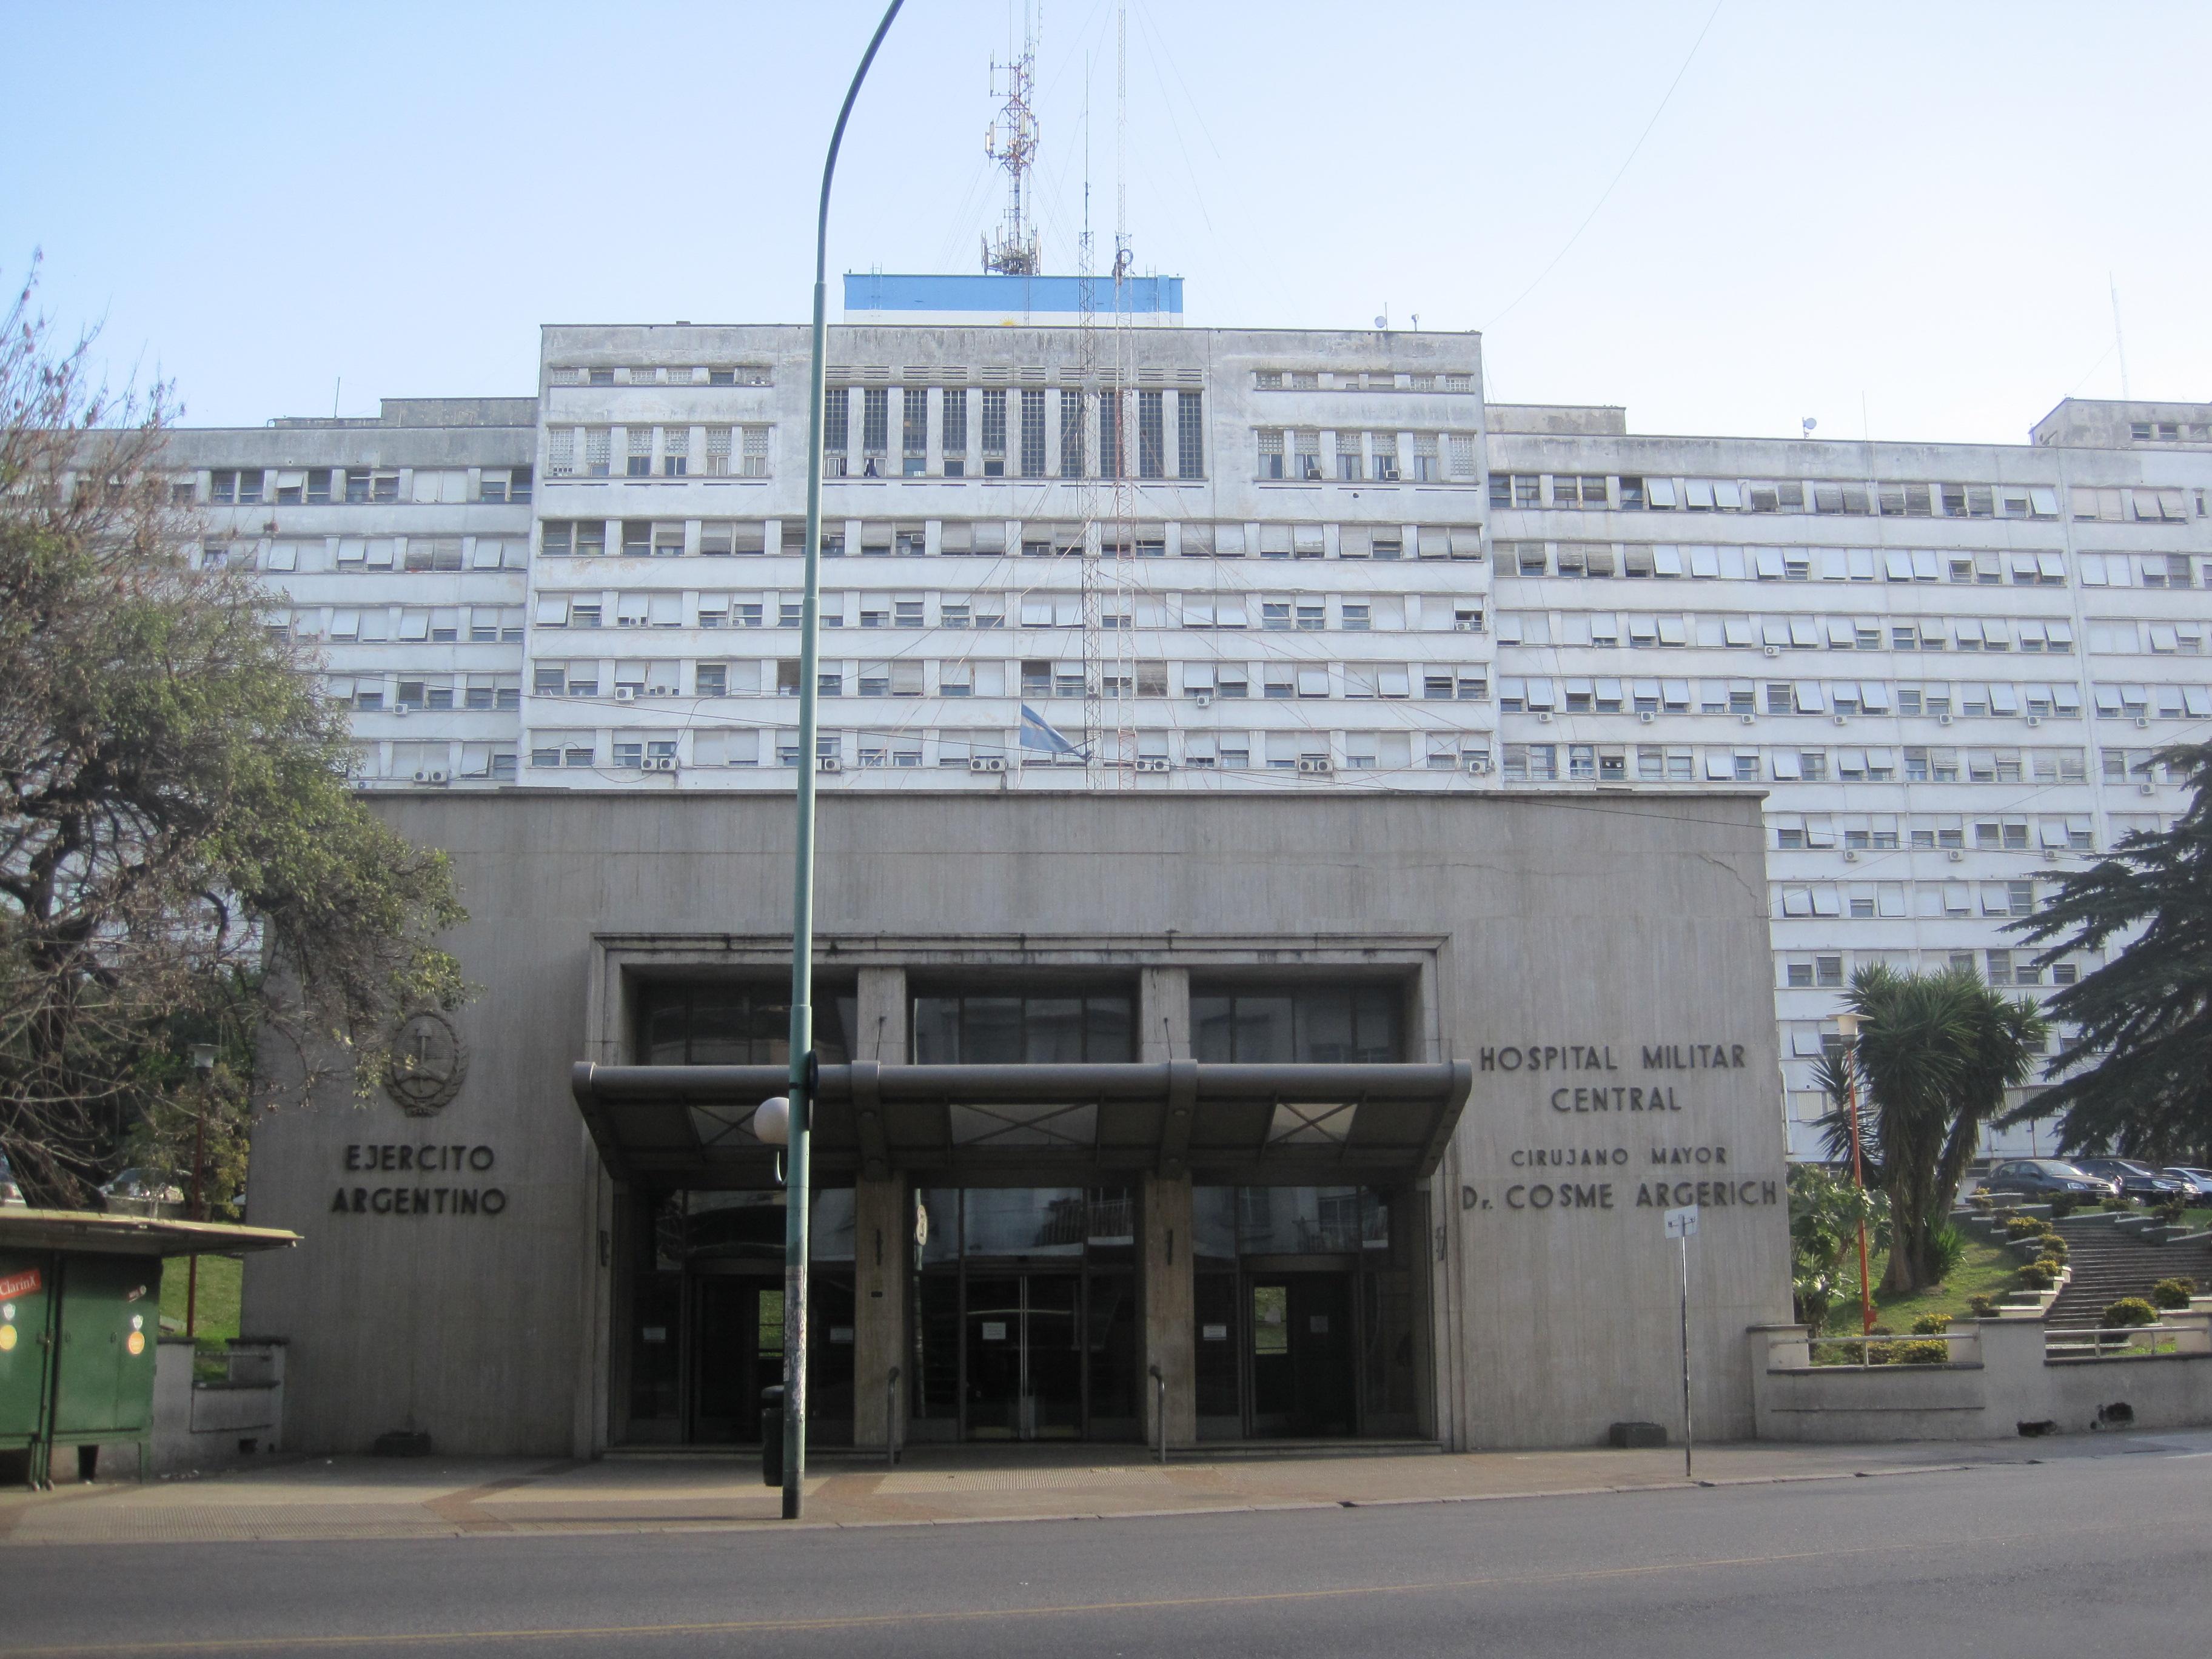 Hospital Central Militar Logo File:hospital Militar Central